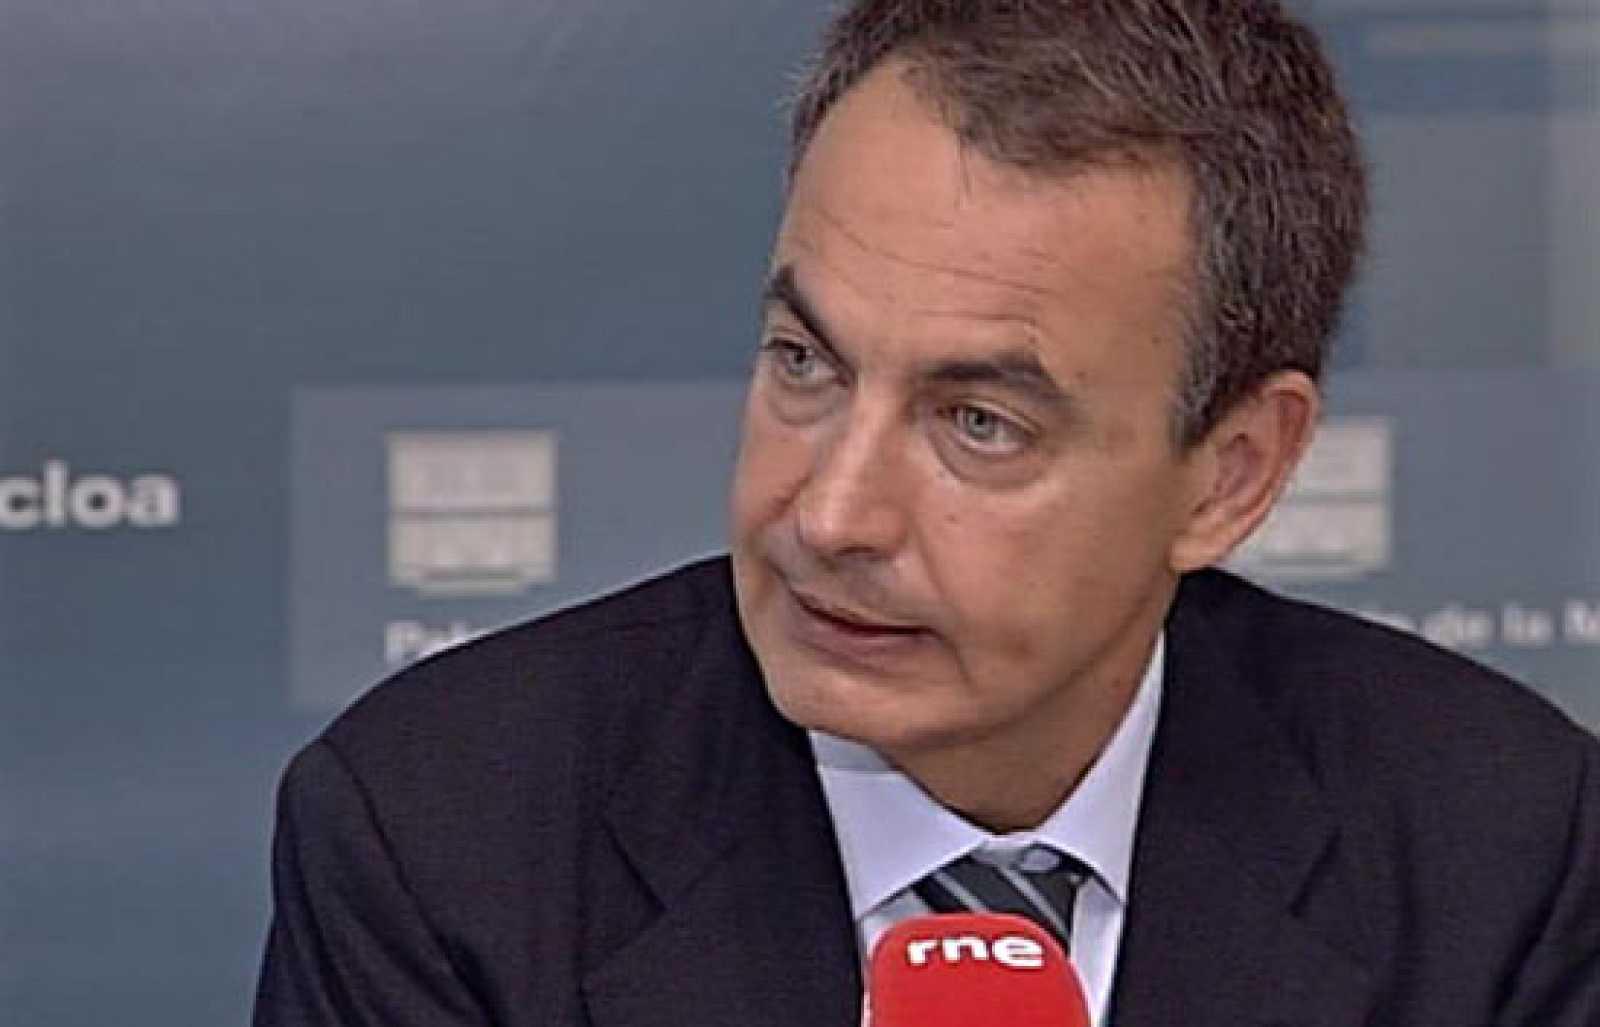 """El presidente del Gobierno, José Luis Rodríguez Zapatero, ha calificado de """"muy bueno"""" el dato del paro de junio, al tiempo que ha recordado que """"esto demuestra que las medidas del Gobierno comienzan a tener efecto""""."""